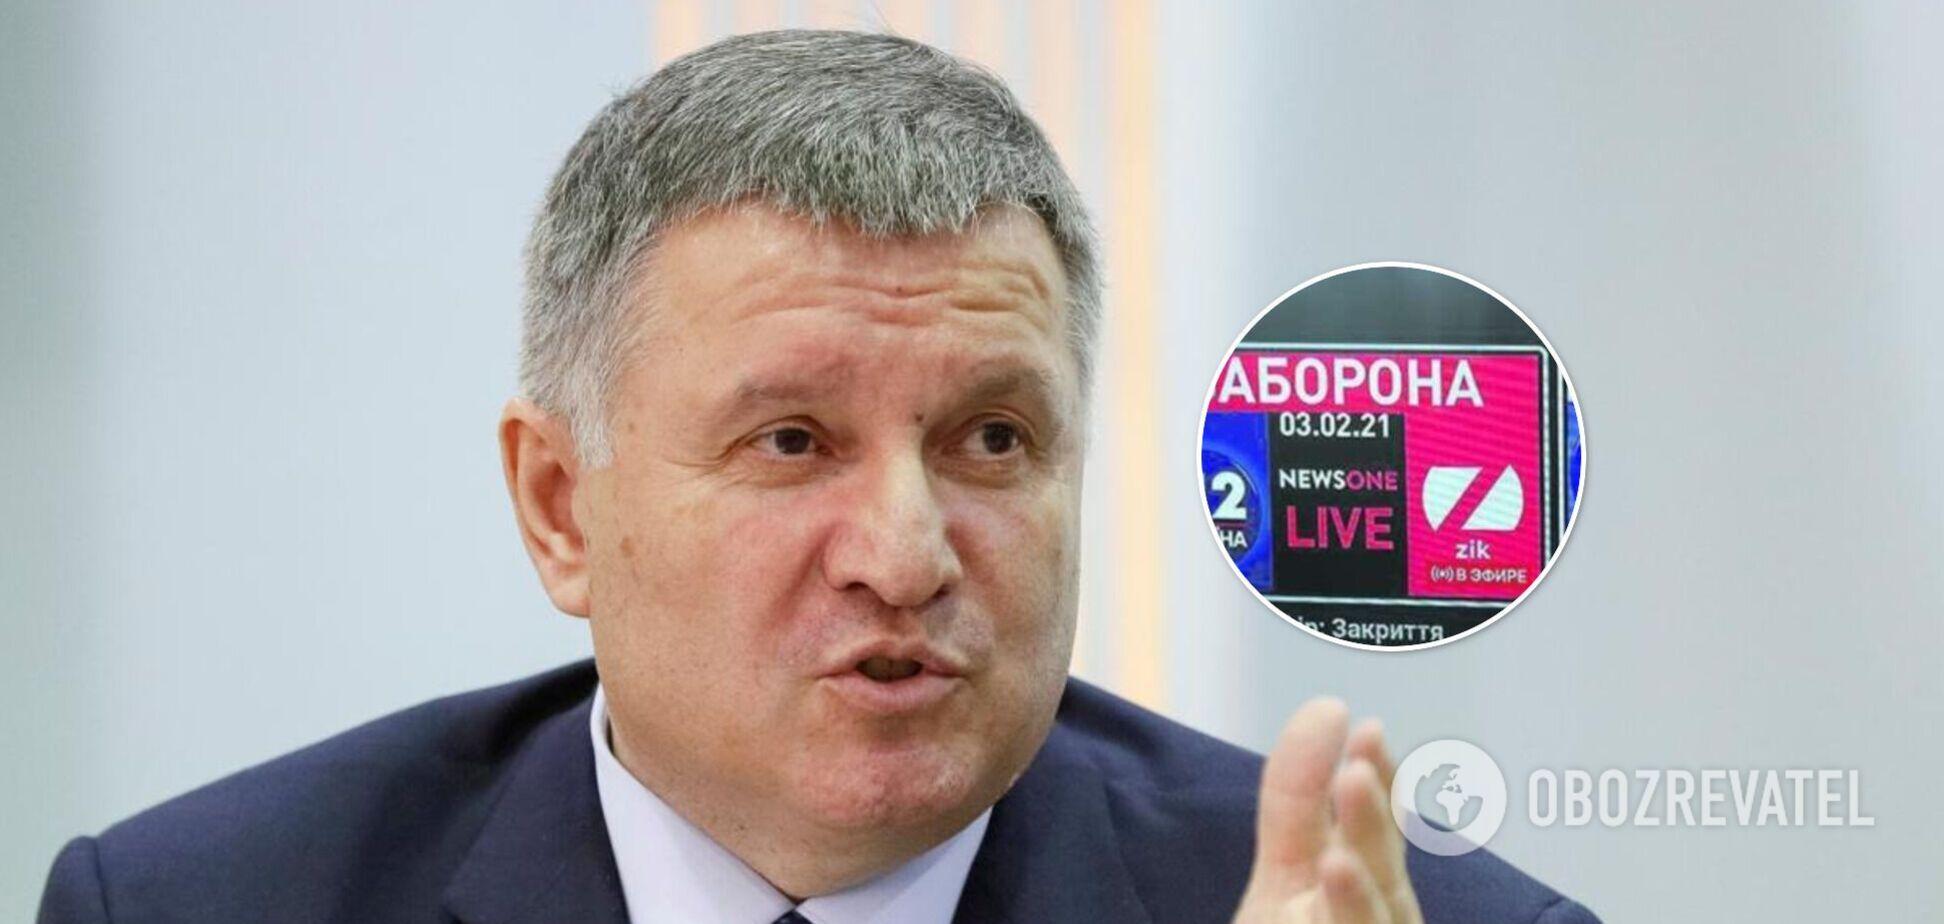 Пропагандистские телеканалы финансируют за деньги, заработанные на войне, – Аваков